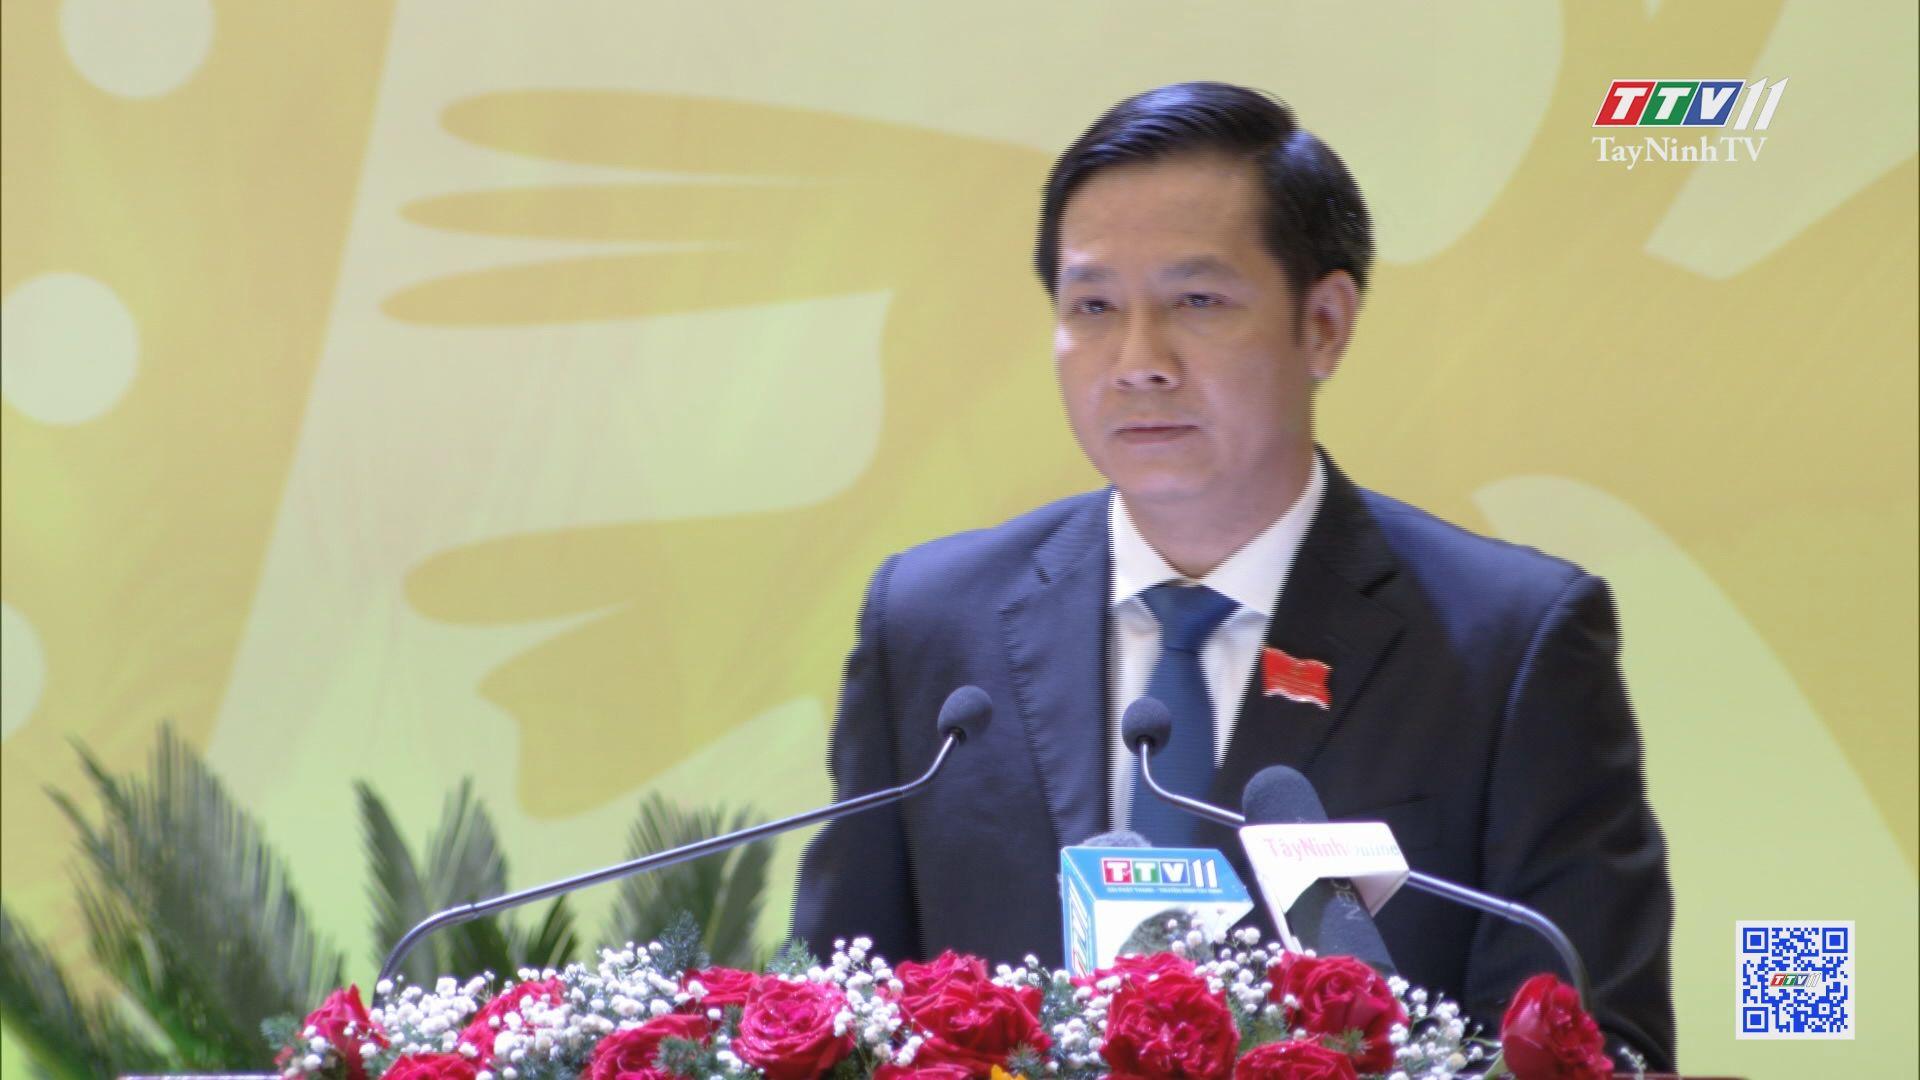 Đồng chí Nguyễn Thành Tâm tái đắc cử Bí thư Tỉnh uỷ Tây Ninh | ĐẠI HỘI ĐẢNG CÁC CẤP | TayNinhTV